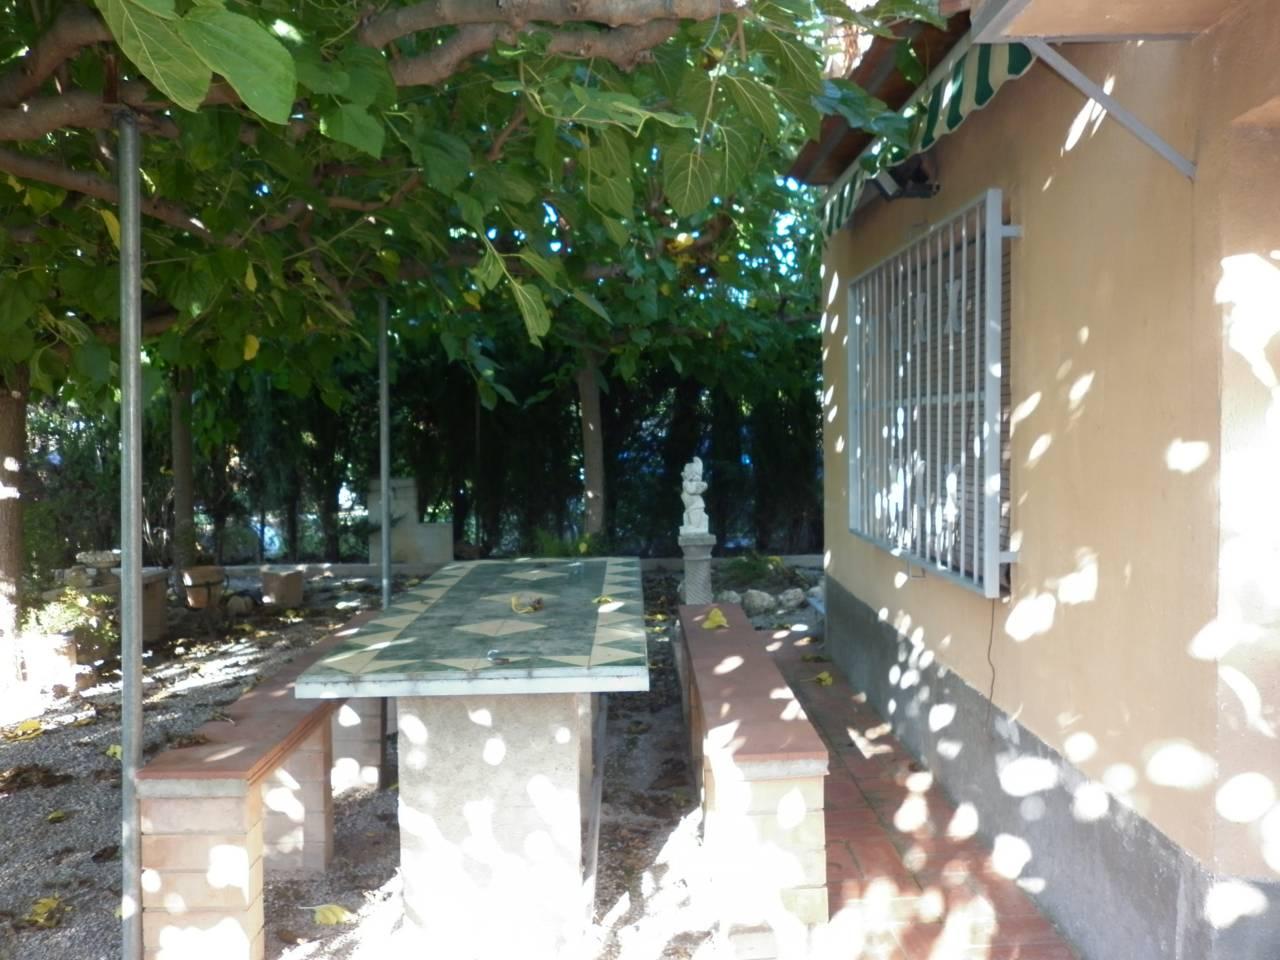 Solar urbano en Valls. 40 m²,  1000 m² solar, cultivable, arbolado, edificaciones, acc